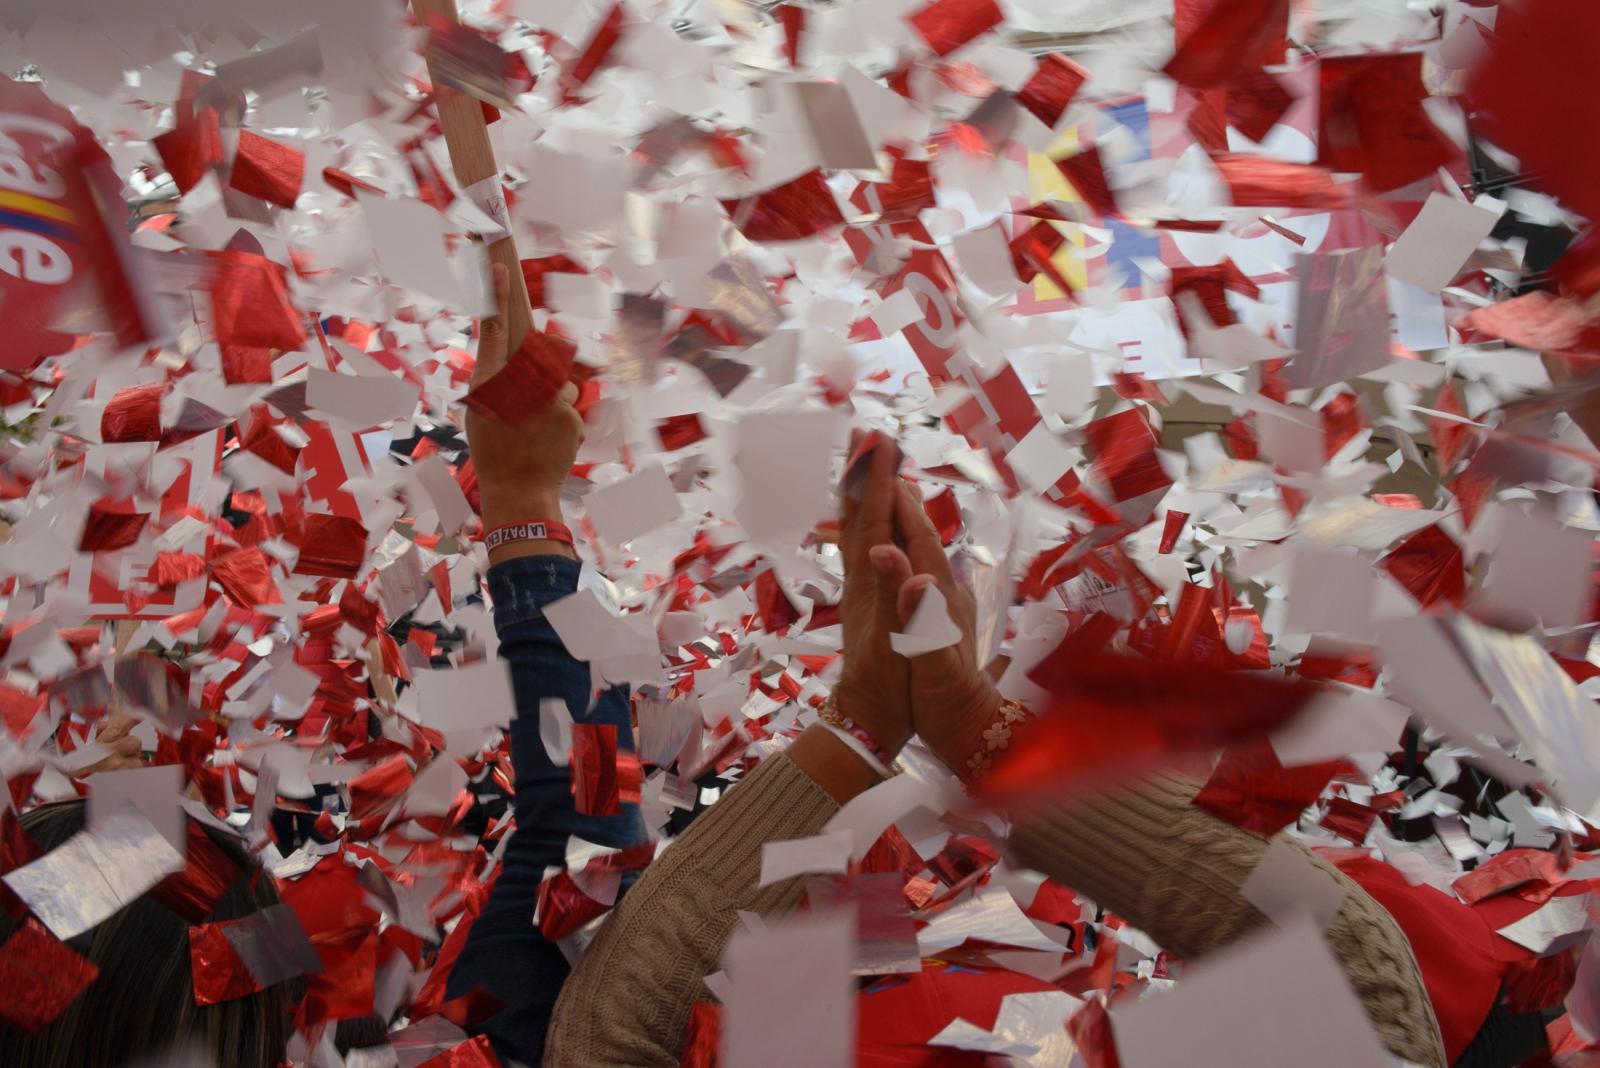 (EN) May 20, 2018 - Bogota, Colombia. Closing rally of the Colombian presidential candidate Humberto De La Calle. (ES) 20 de mayo, 2018 - Bogotá, Colombia. Cierre de campaña del candidato a la presidencia Humberto De La Calle en Bogotá.